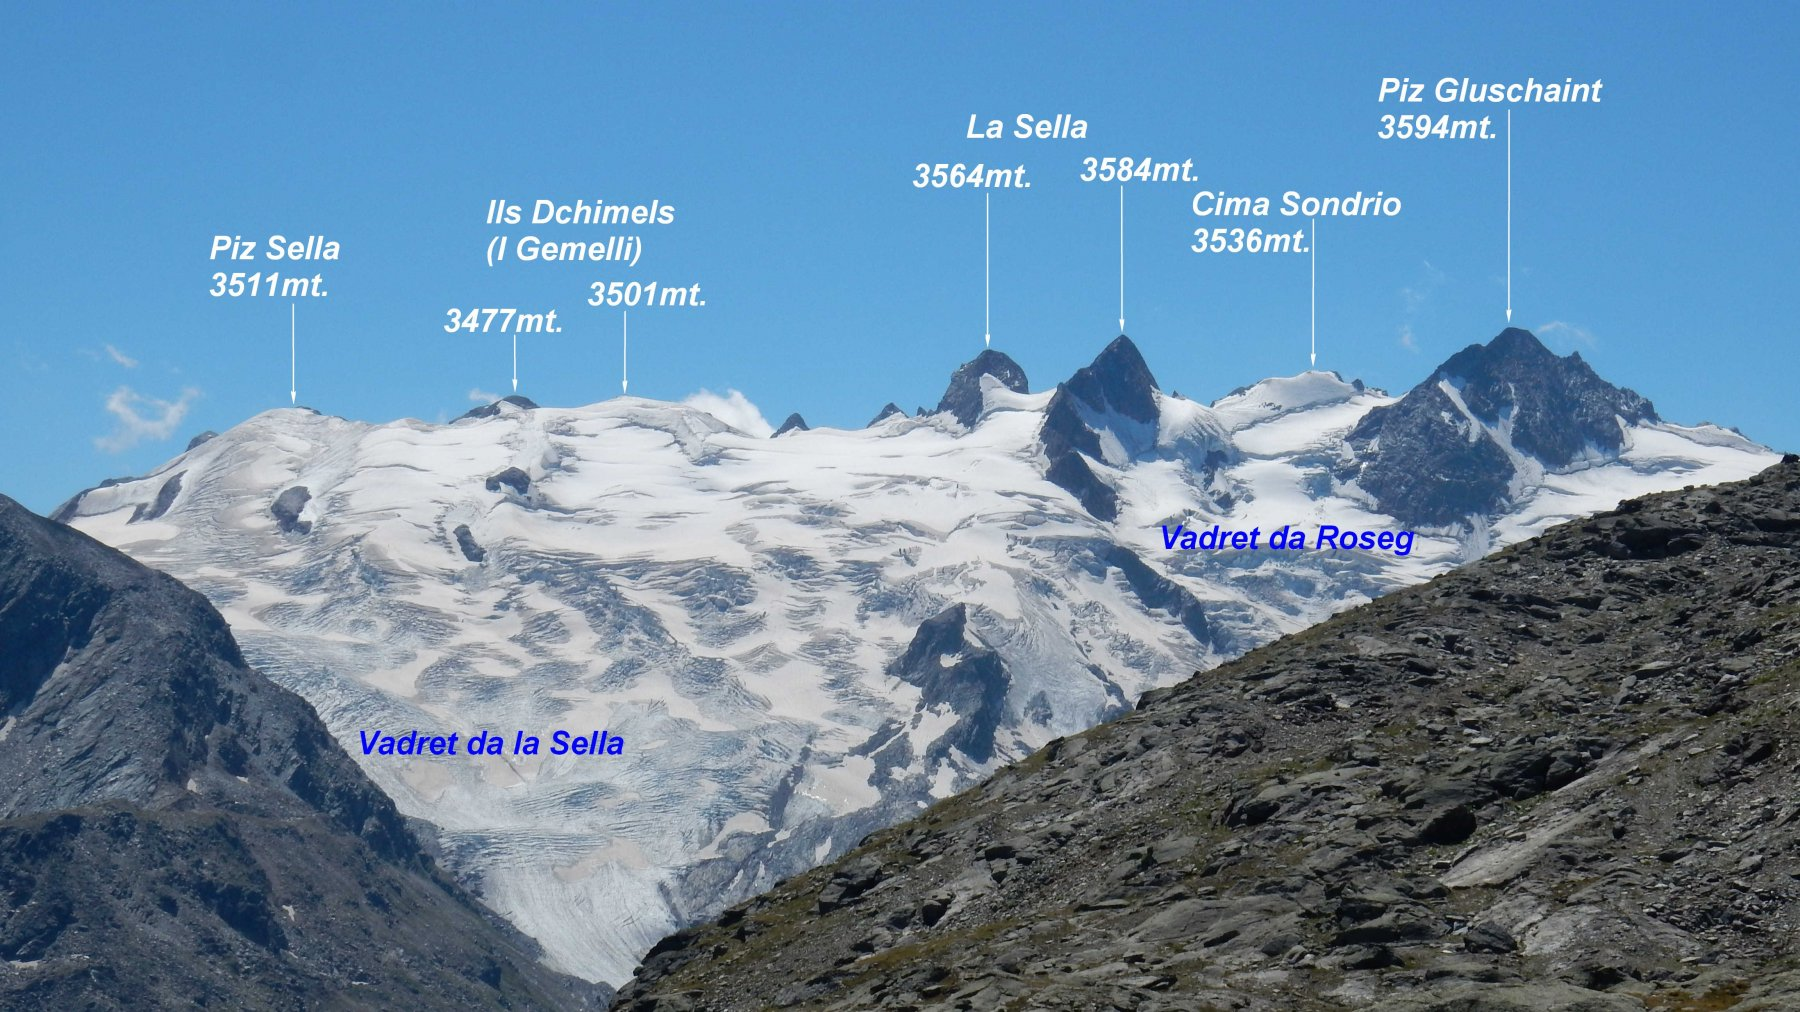 Panorama dalla Fuorcla Surlej 2755mt. sul Gruppo Glüschaint.